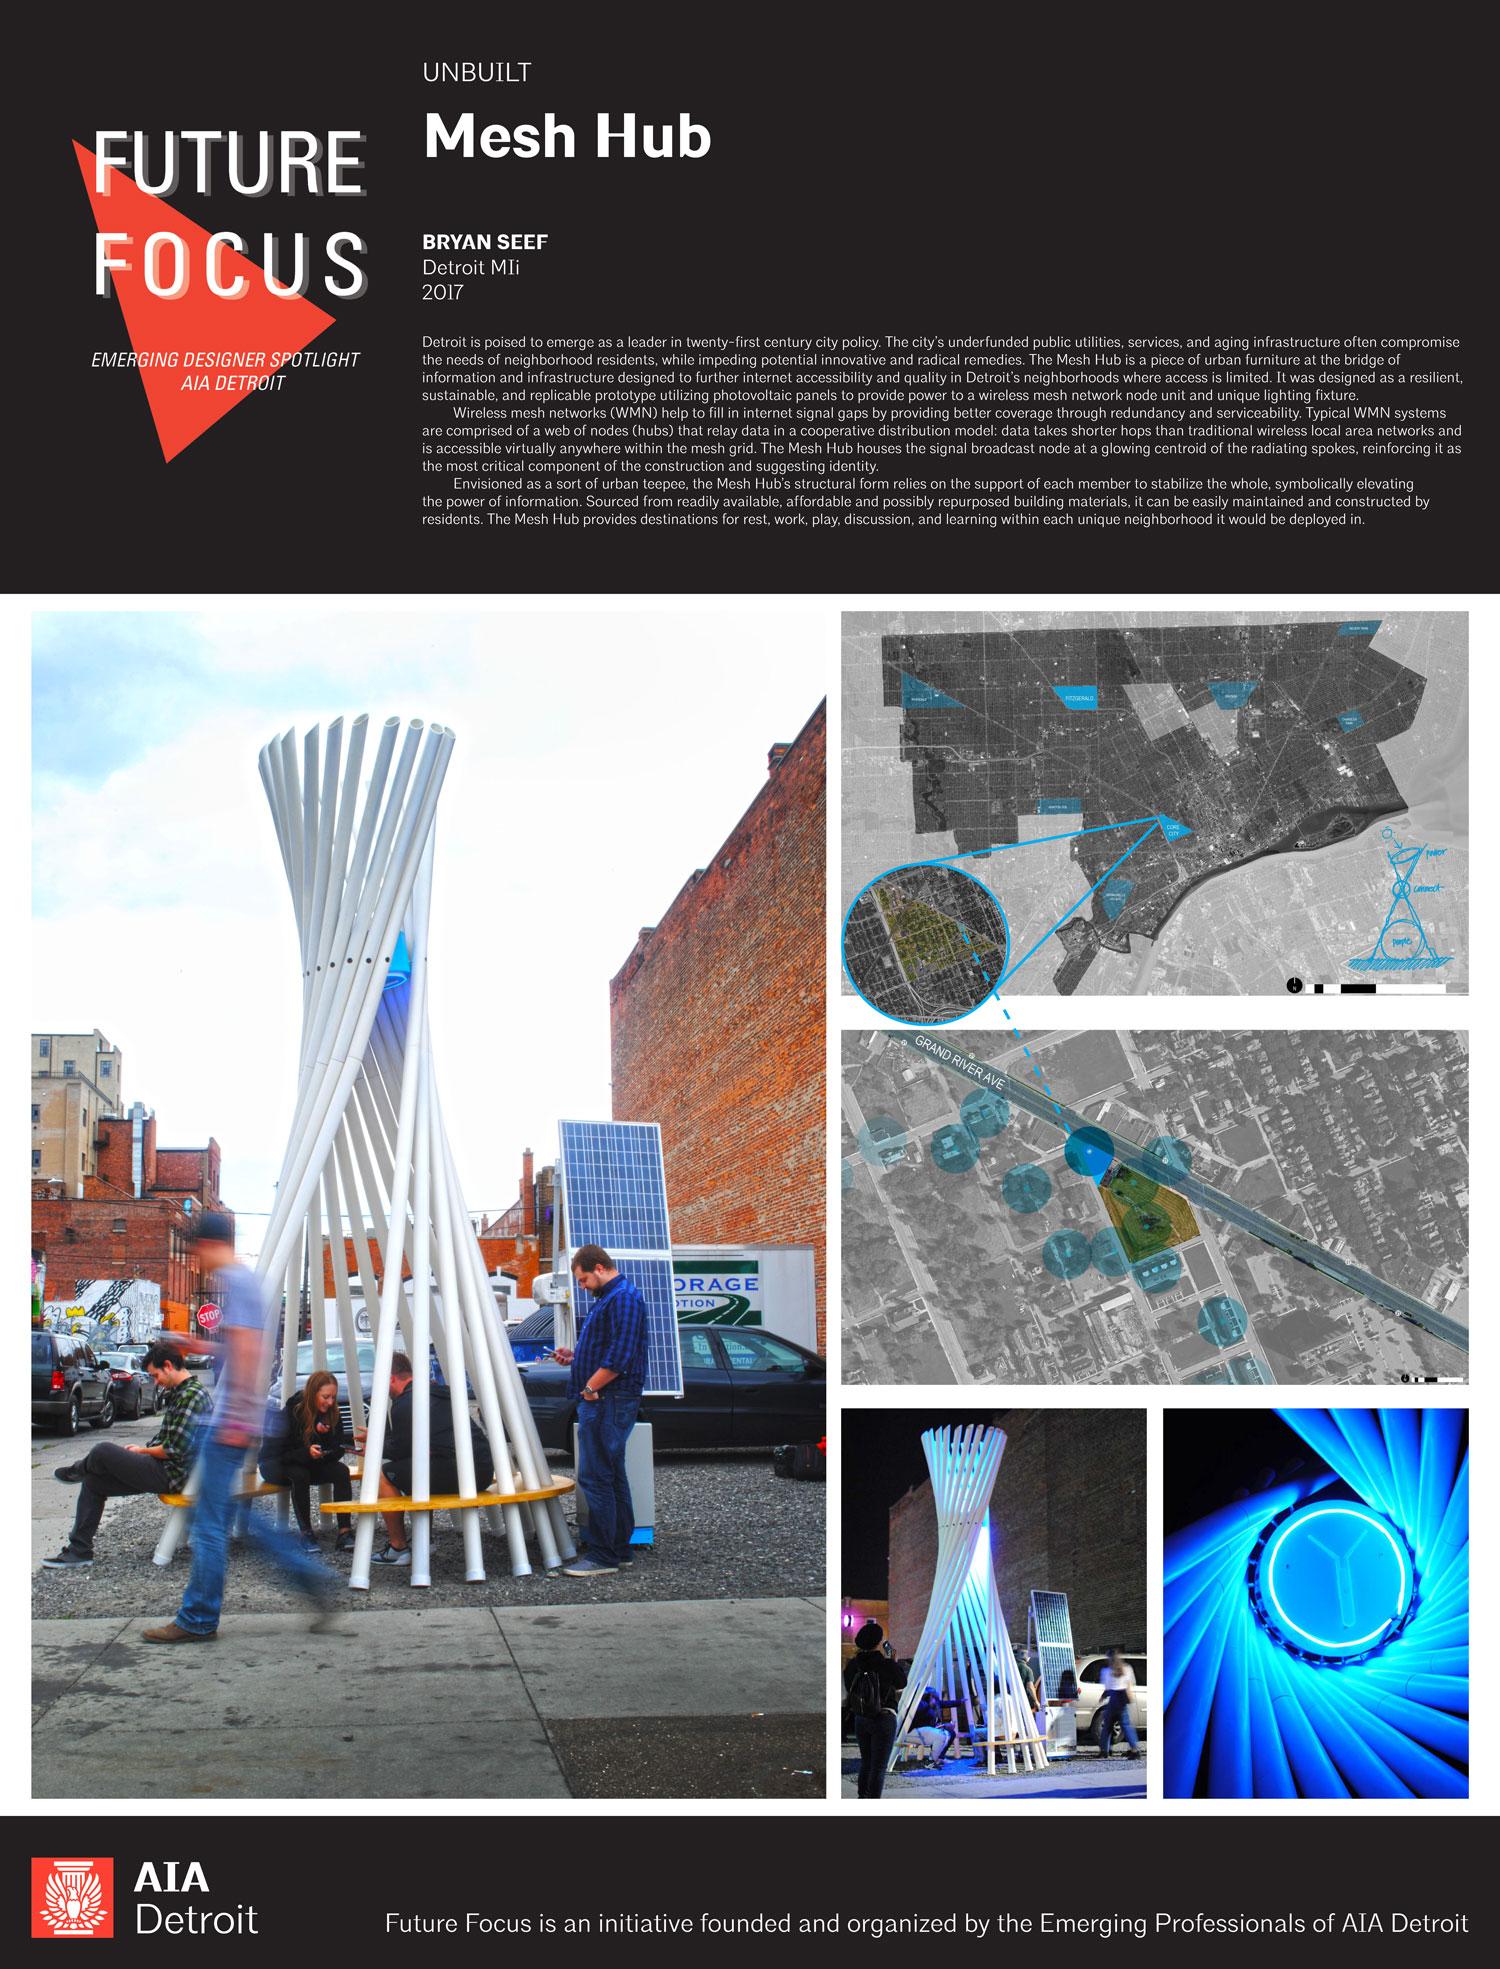 FutureFocus18_BryanSeef_MeshHub